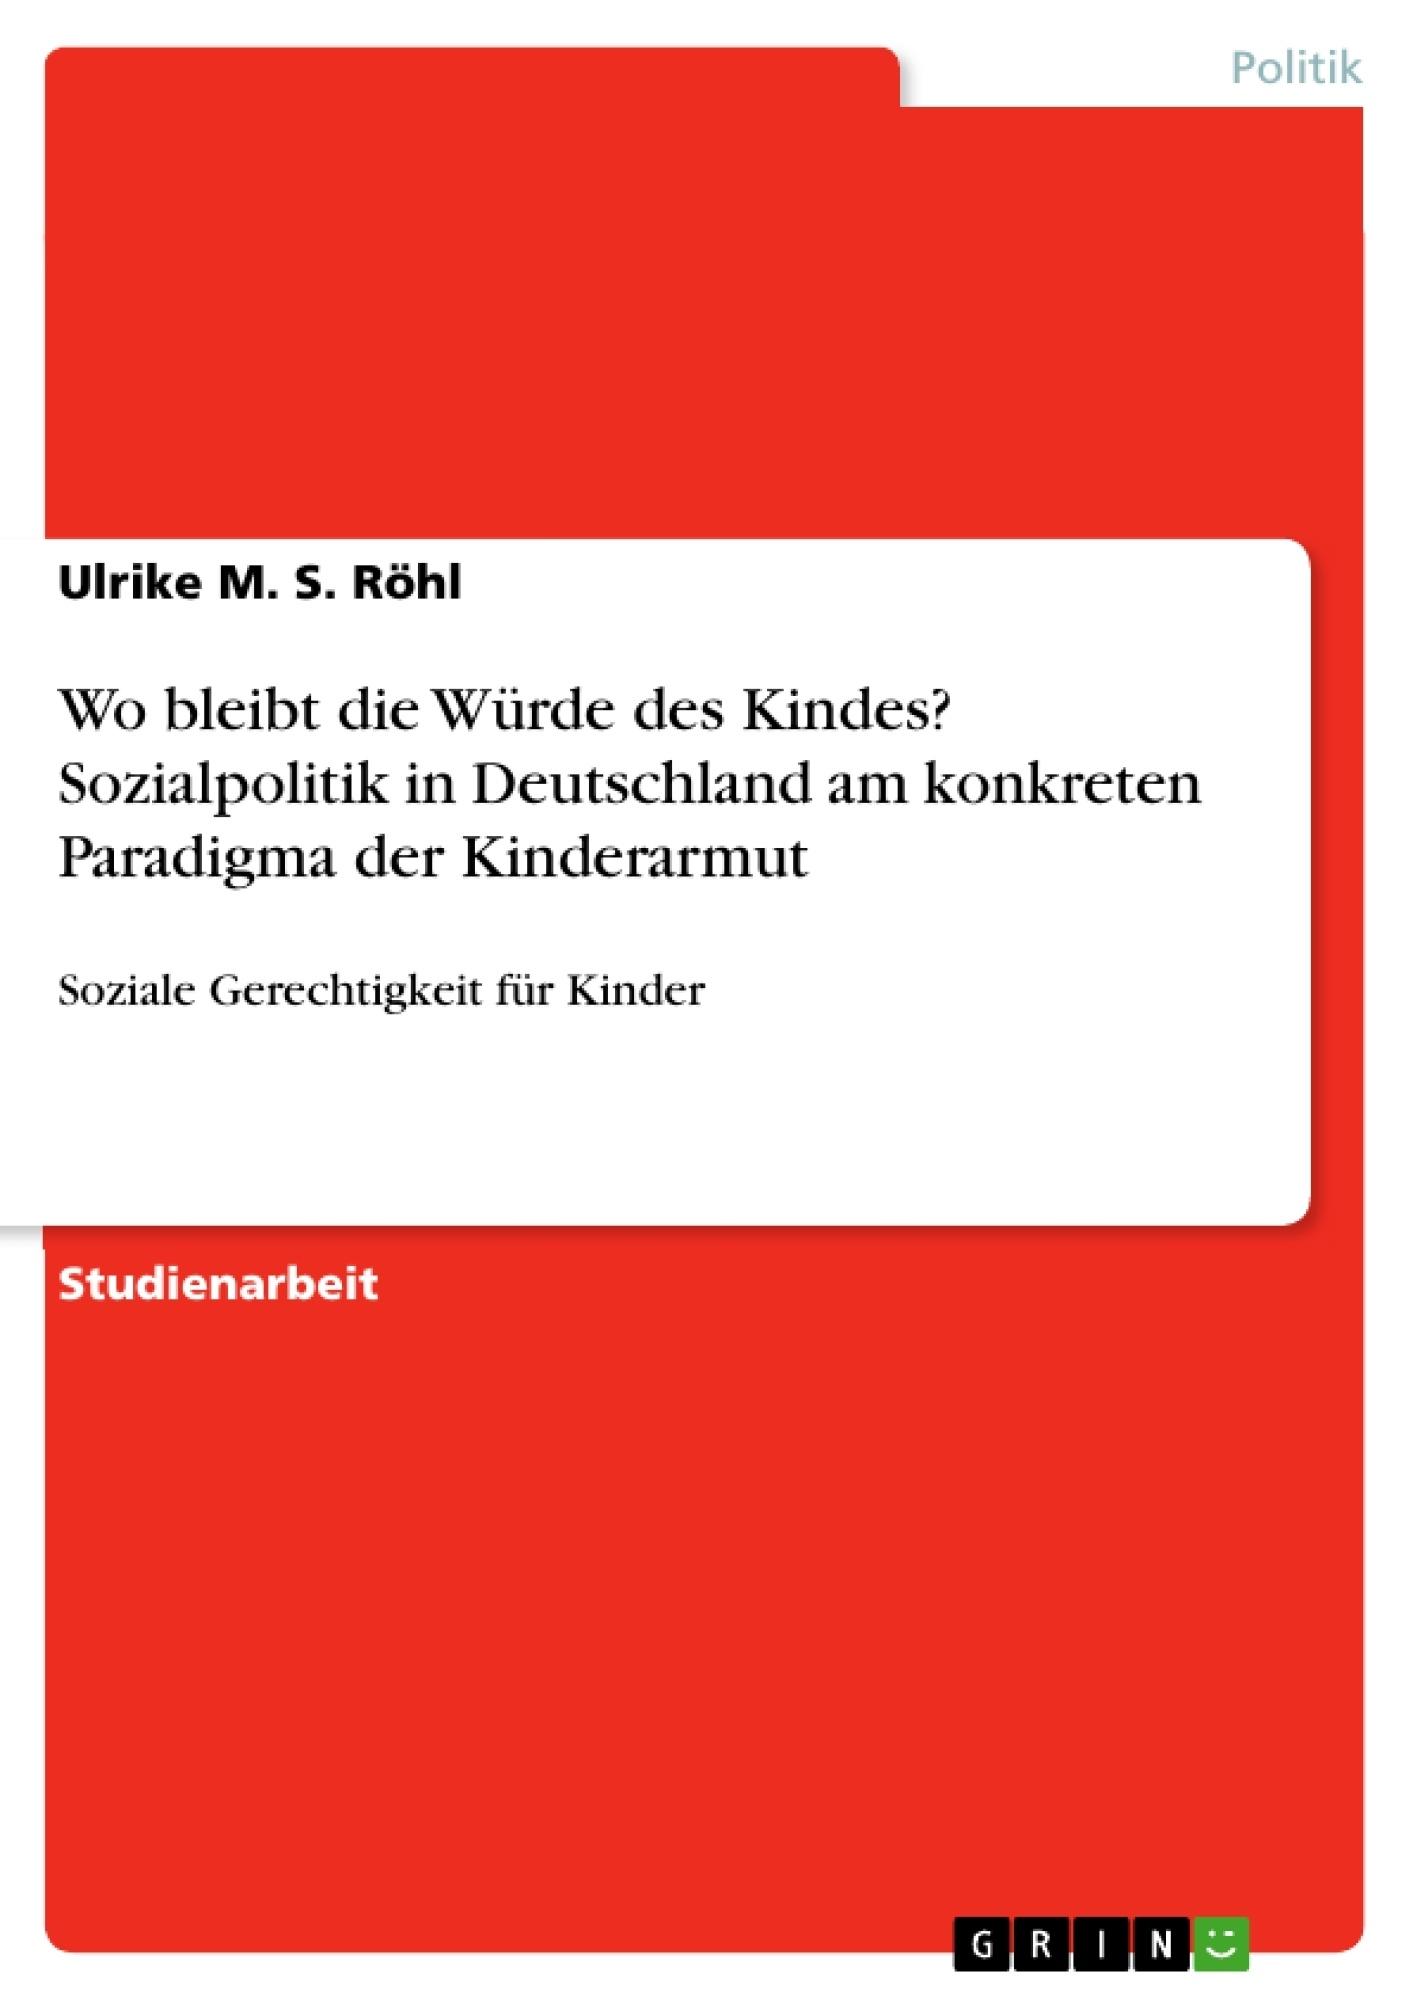 Titel: Wo bleibt die Würde des Kindes? Sozialpolitik in Deutschland am konkreten Paradigma der Kinderarmut